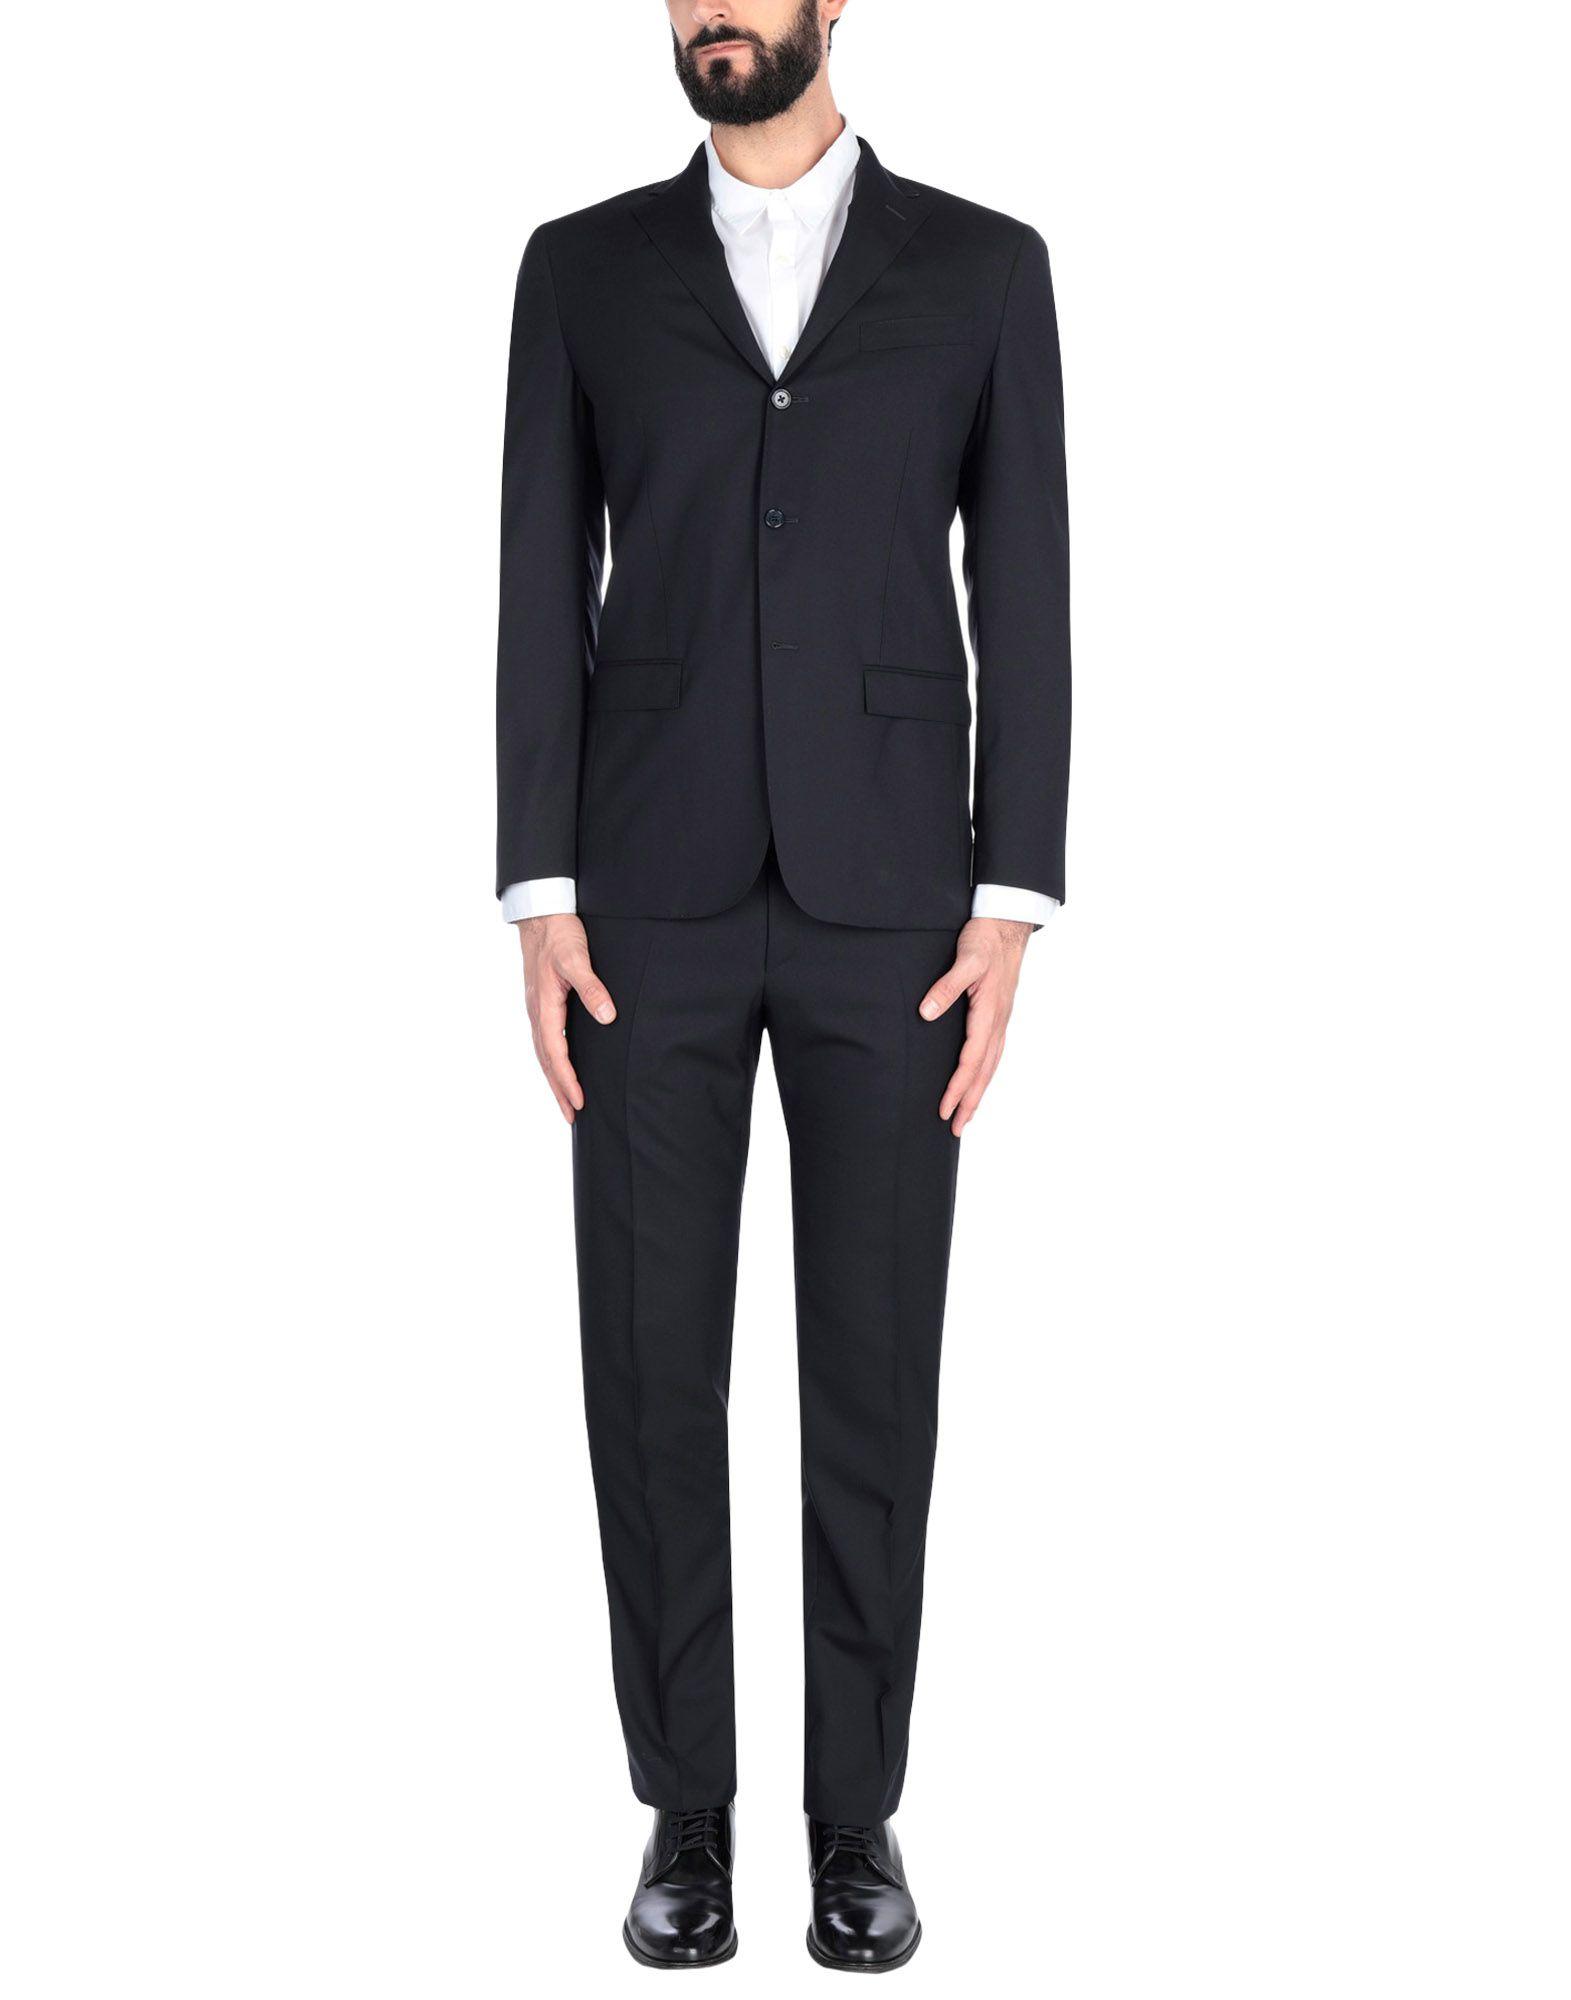 《送料無料》MY OWN SUIT メンズ スーツ ブラック 54 スーパー130 ウール 100%